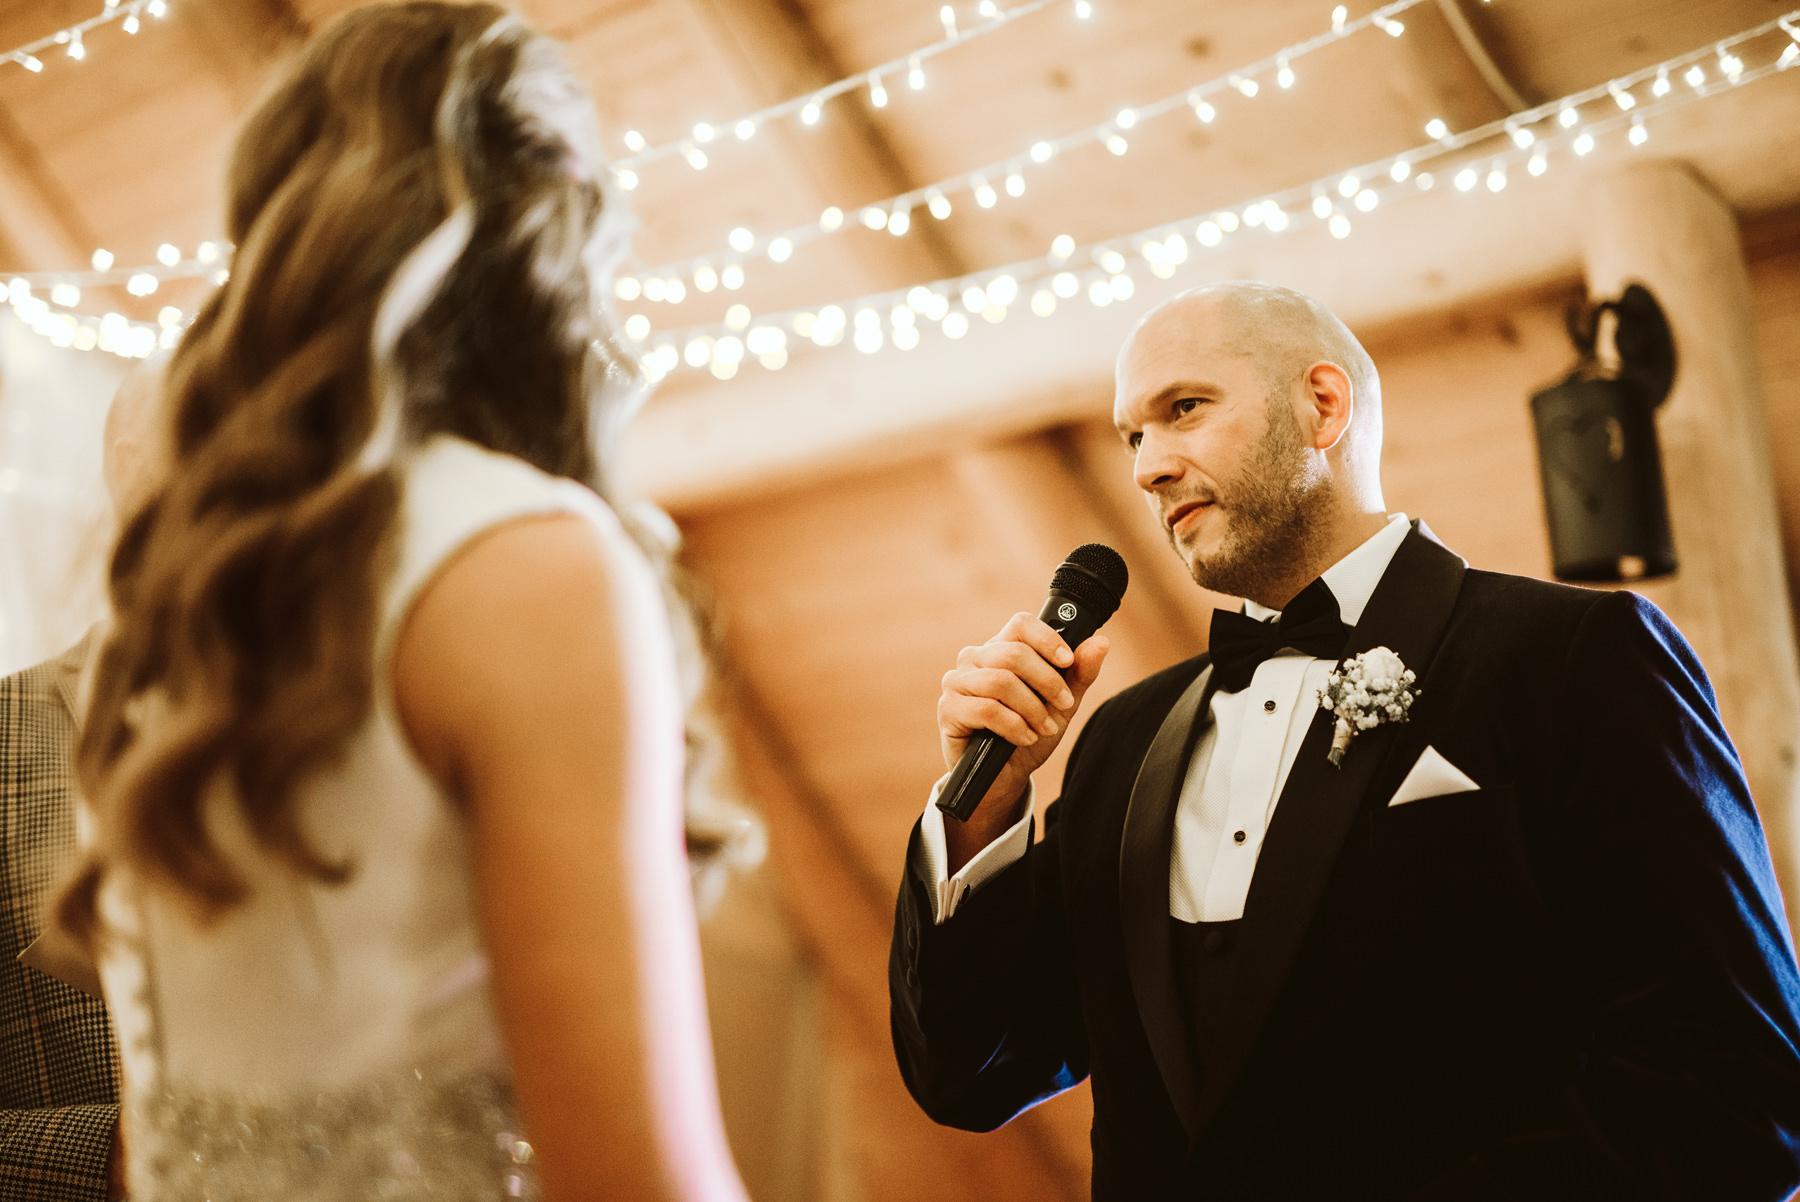 wesele w kocierz hotel spa, wesele w kocierz hotel&spa, kocierz, wesele w kocierzu, wesele w beskidach, fotograf slubny krakow, kocierz hotel spa, spa, zdjecia slubne, slub humanistyczny